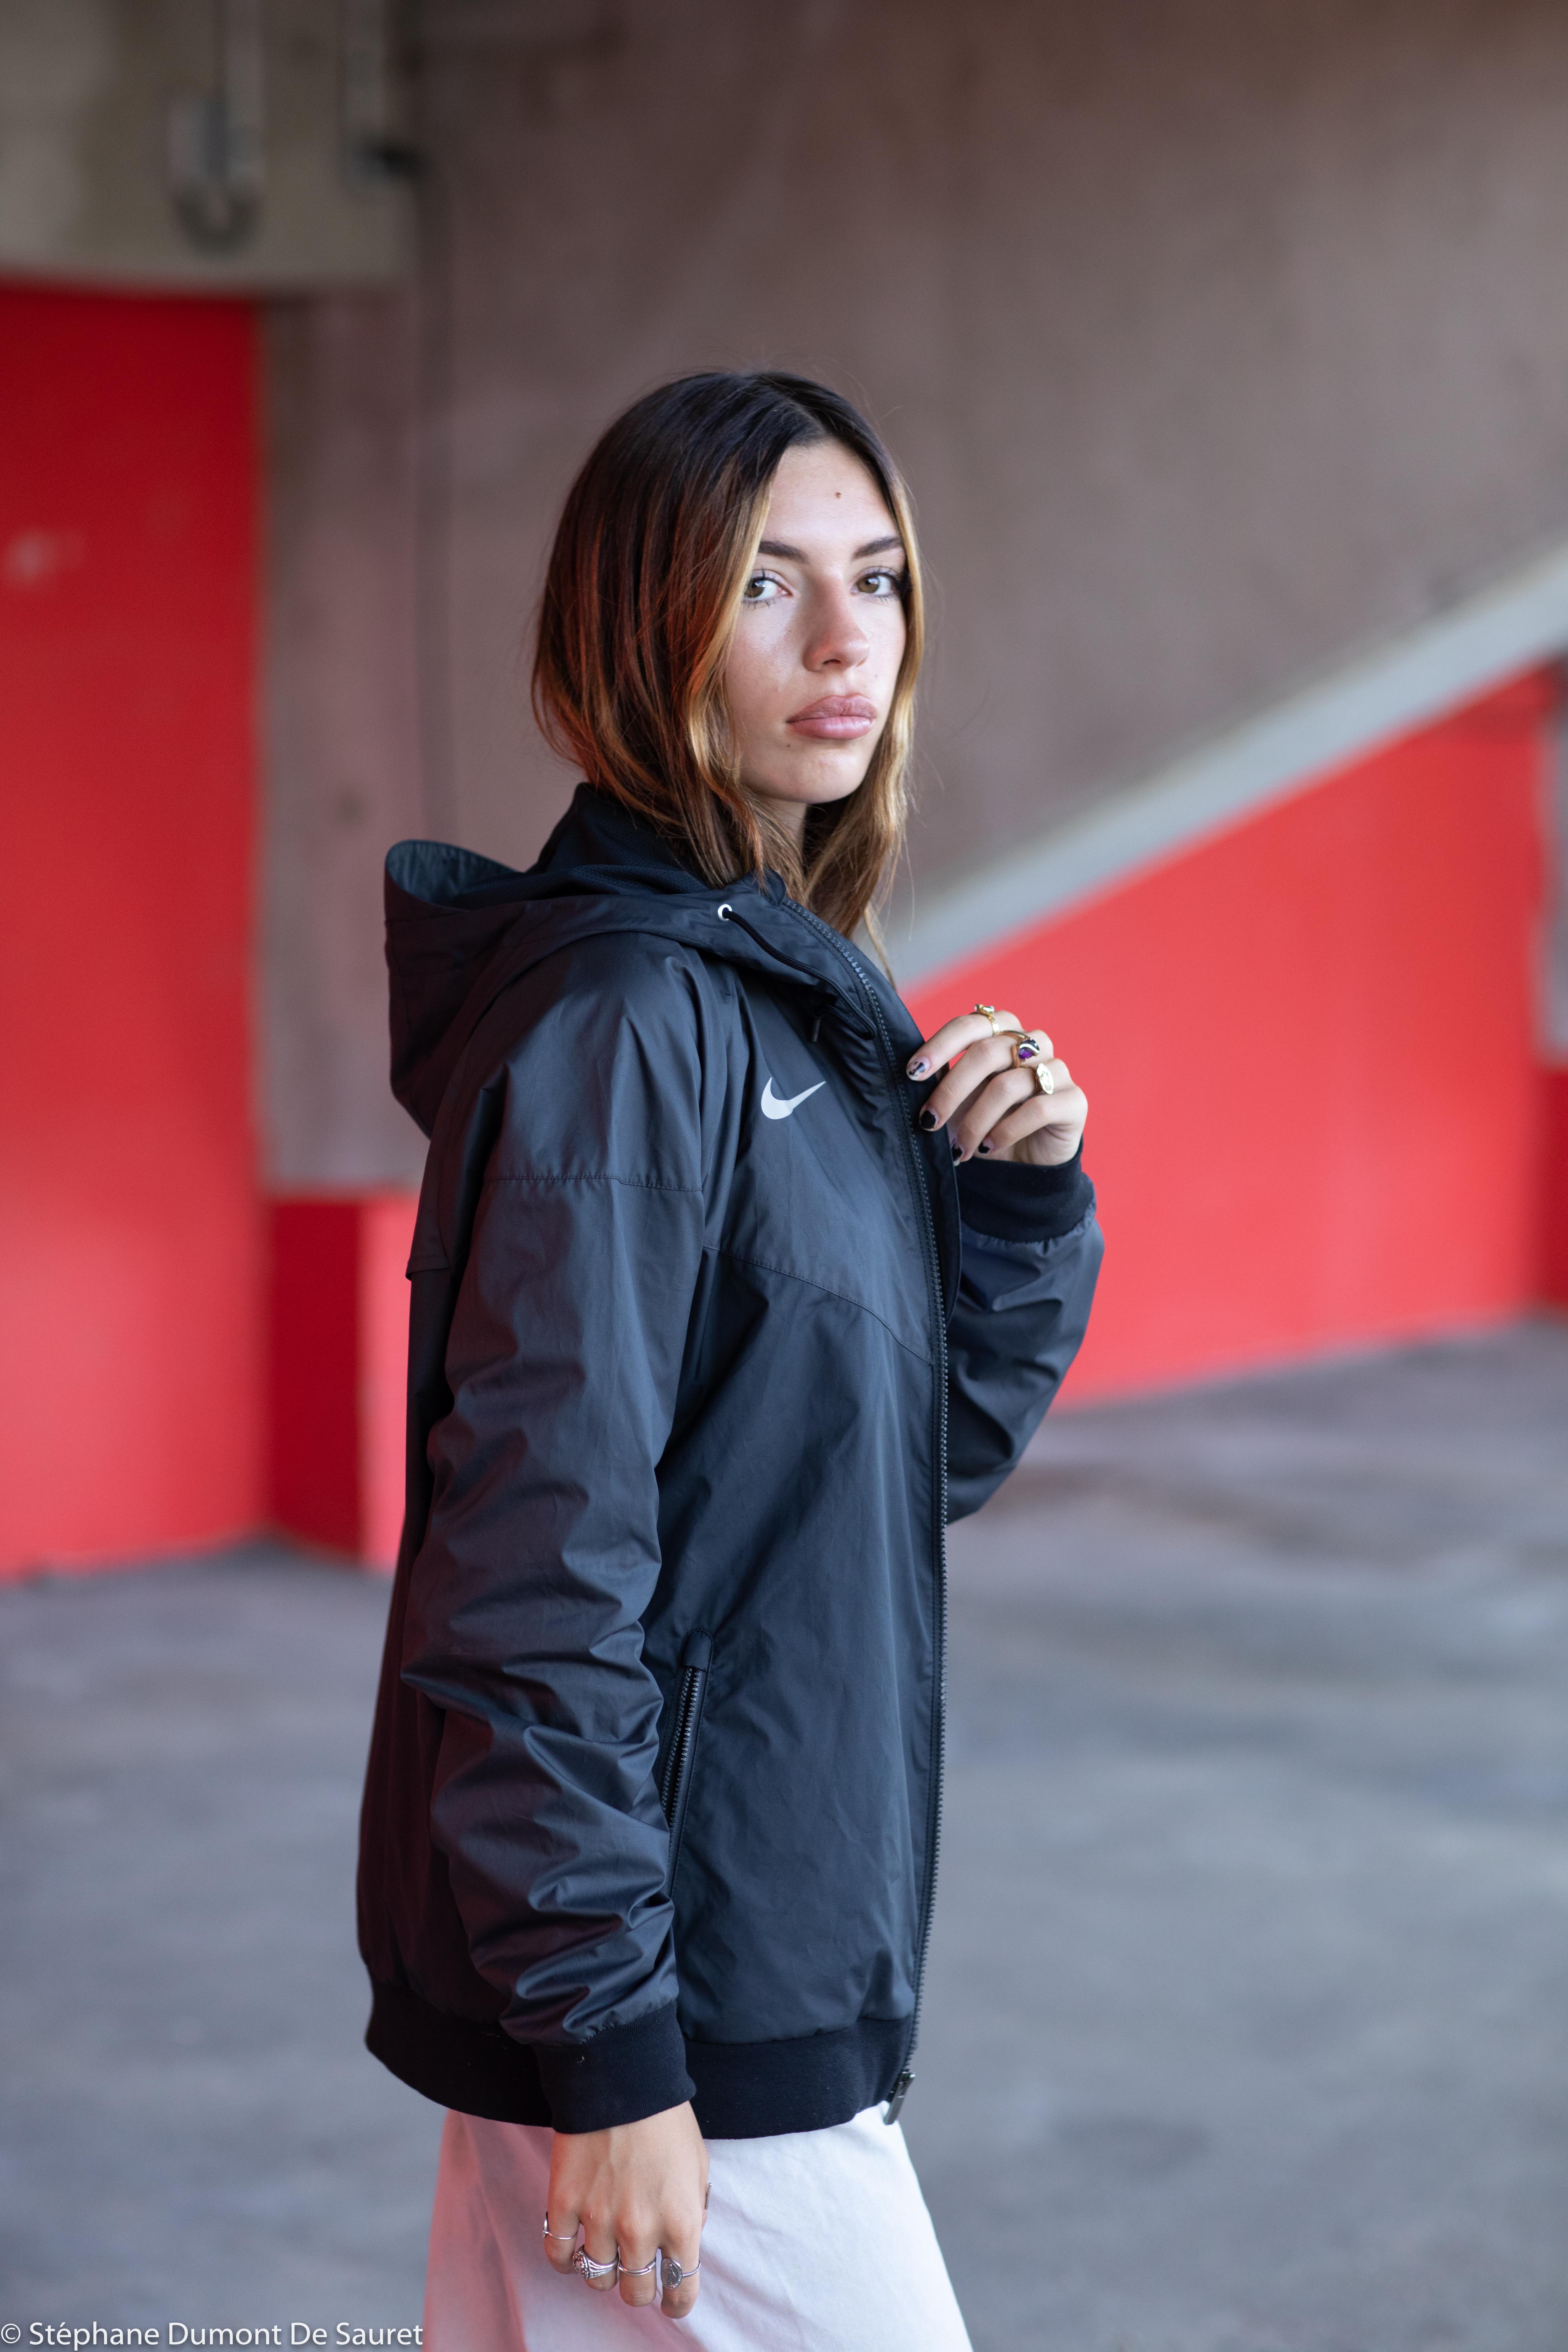 Nike life style